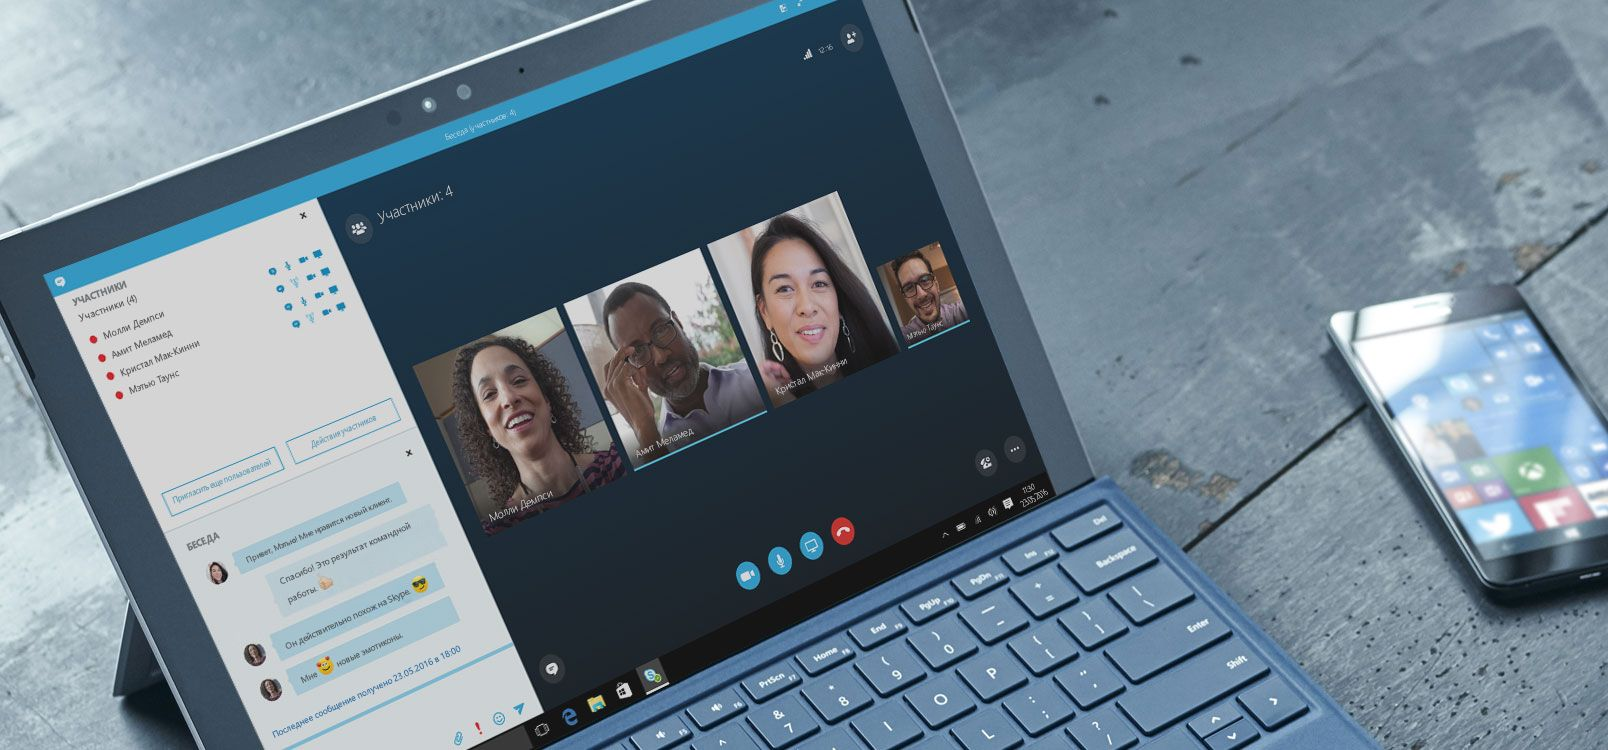 Женщина вместе с другими пользователями работает над документами в Office365 на планшете и смартфоне.